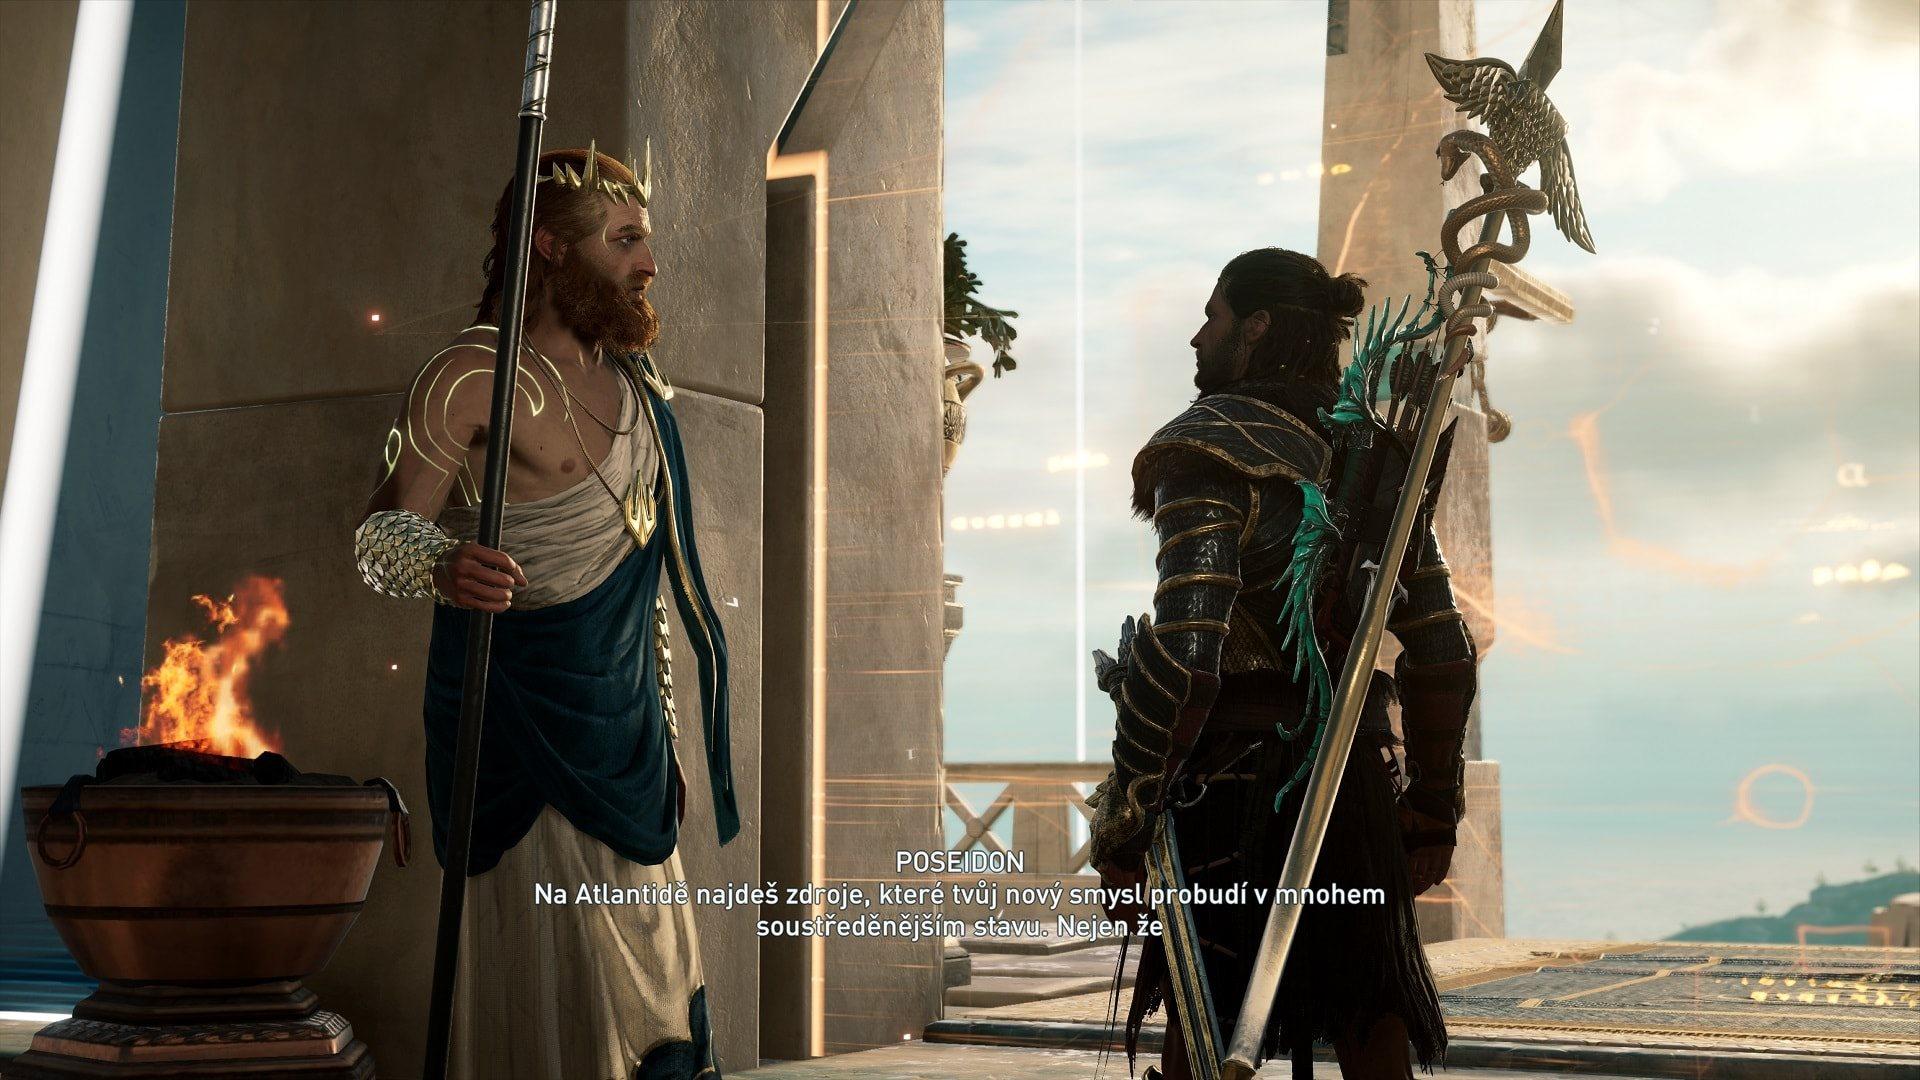 Assassin's Creed Odyssey: Fate of Atlantis (RECENZIA